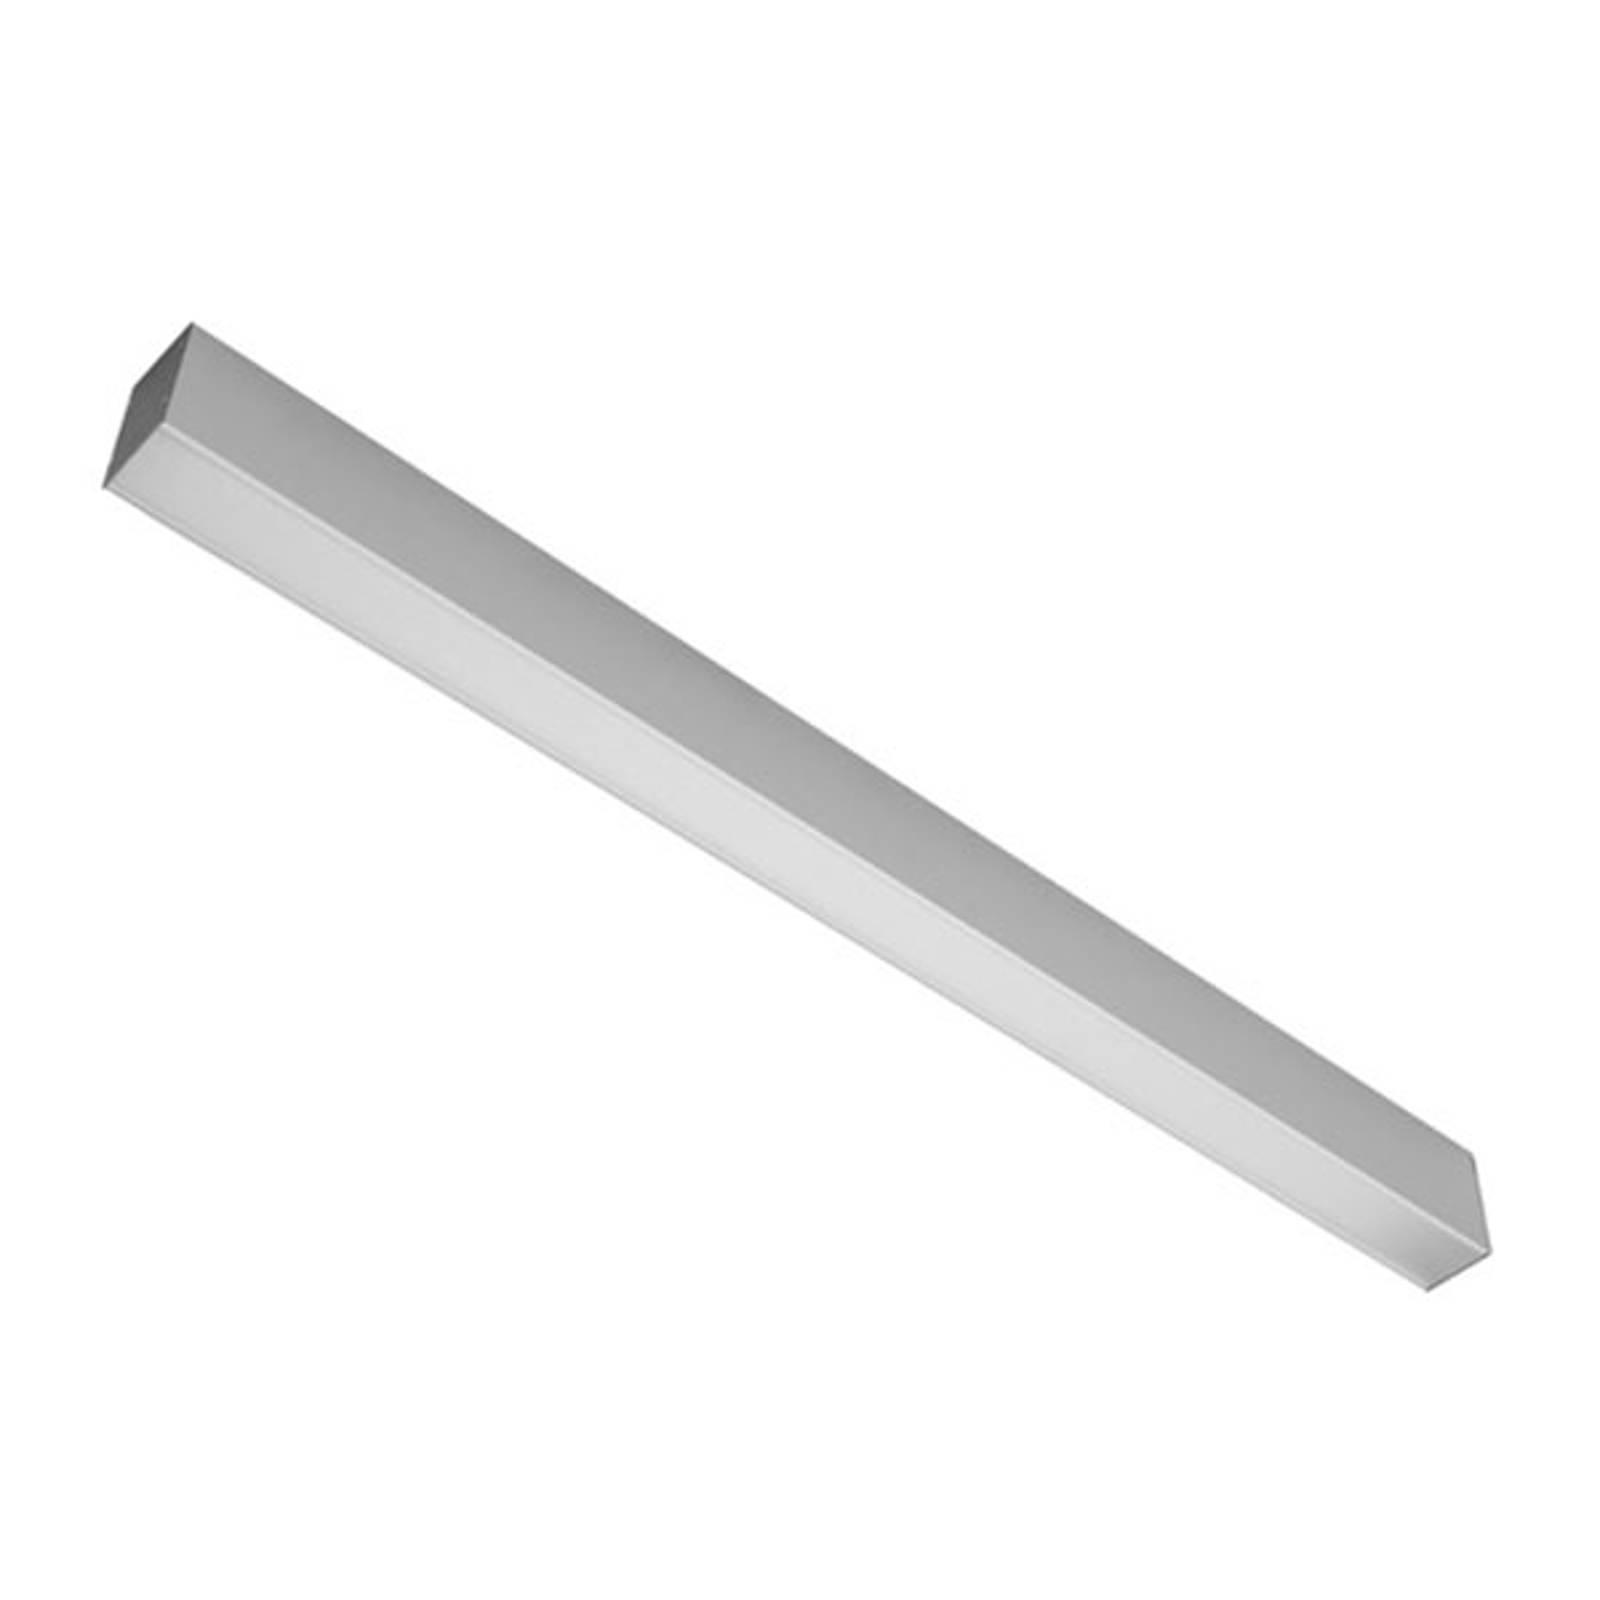 Applique LED aluminium 4000K 34W